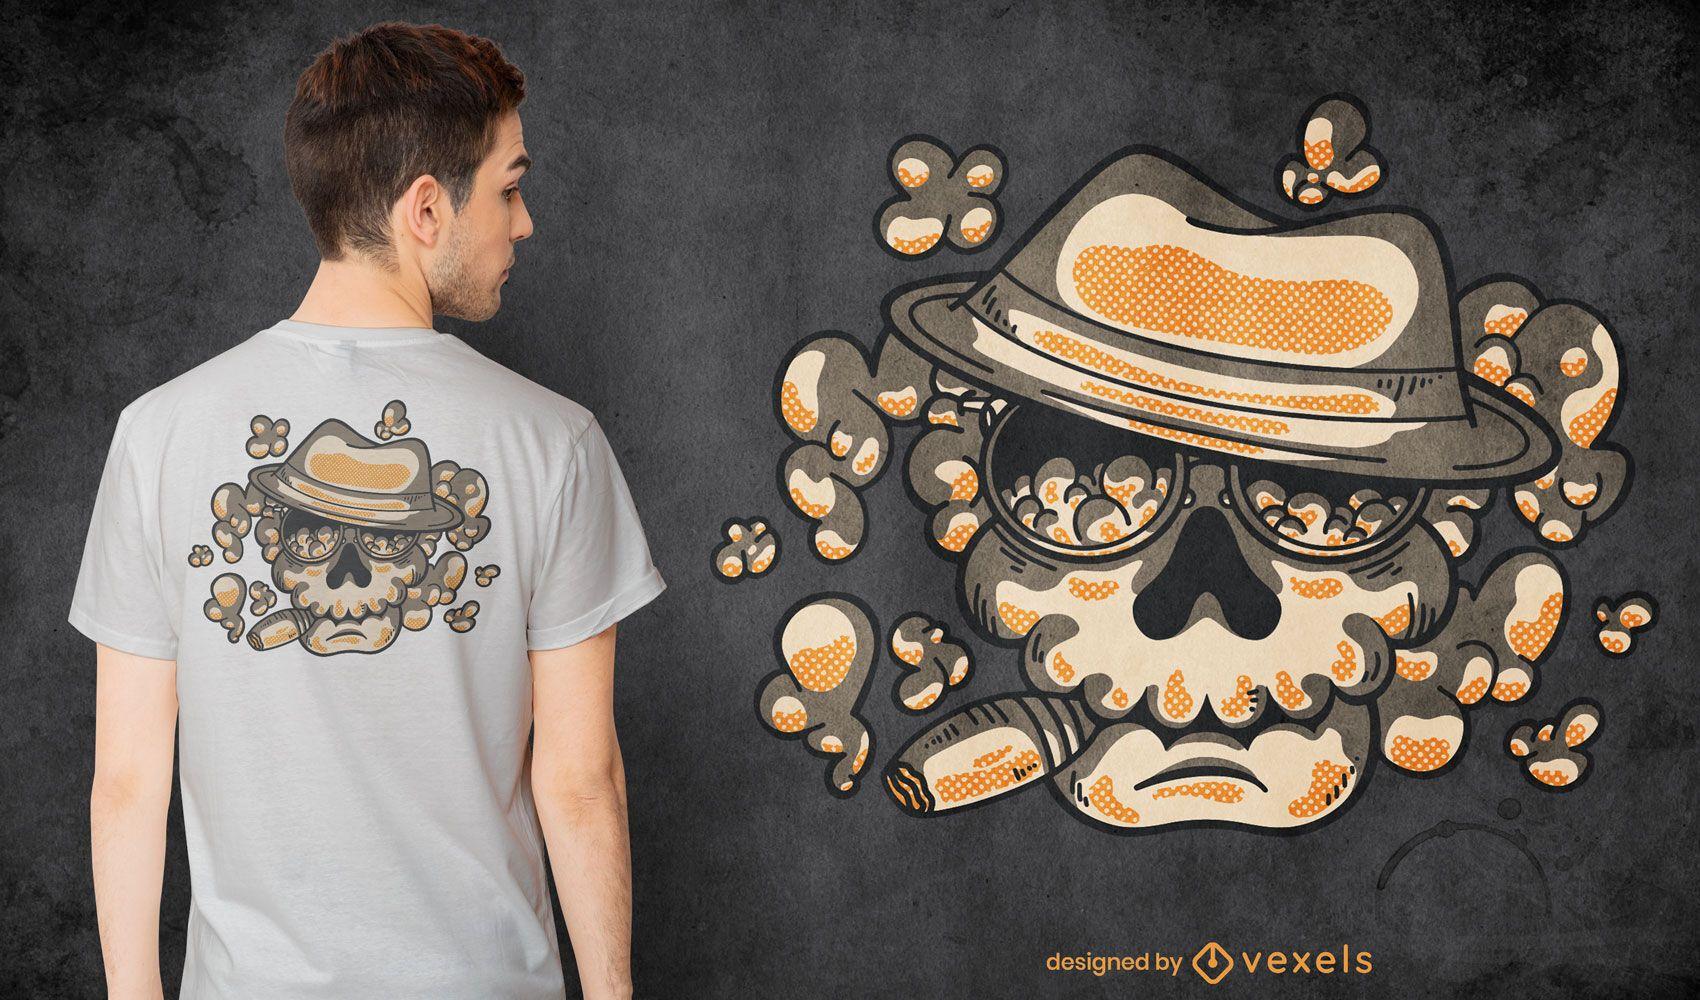 Mafia skull t-shirt design